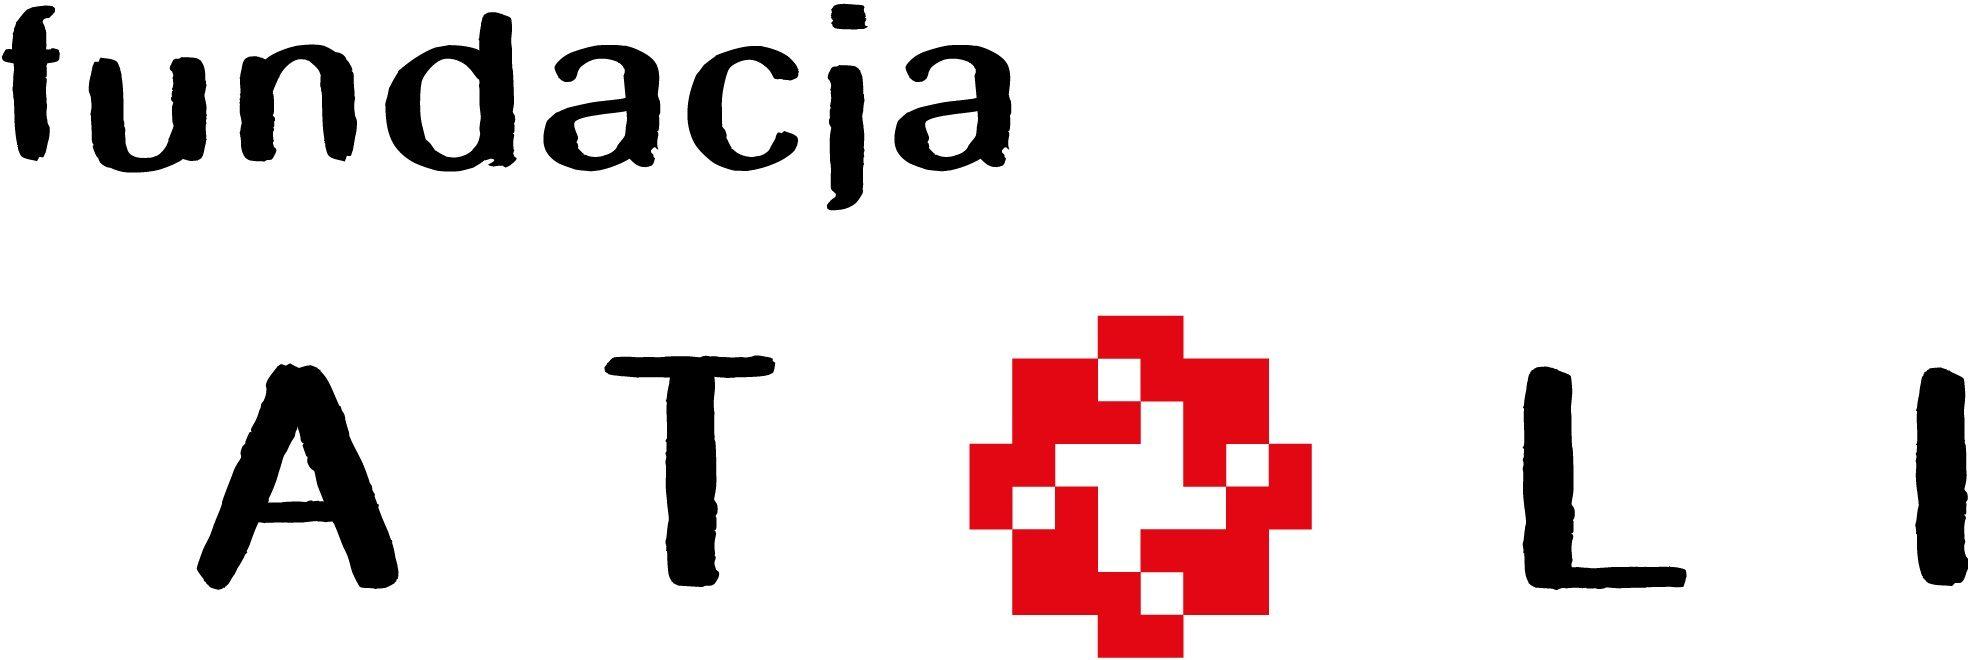 Fundacja Atoli